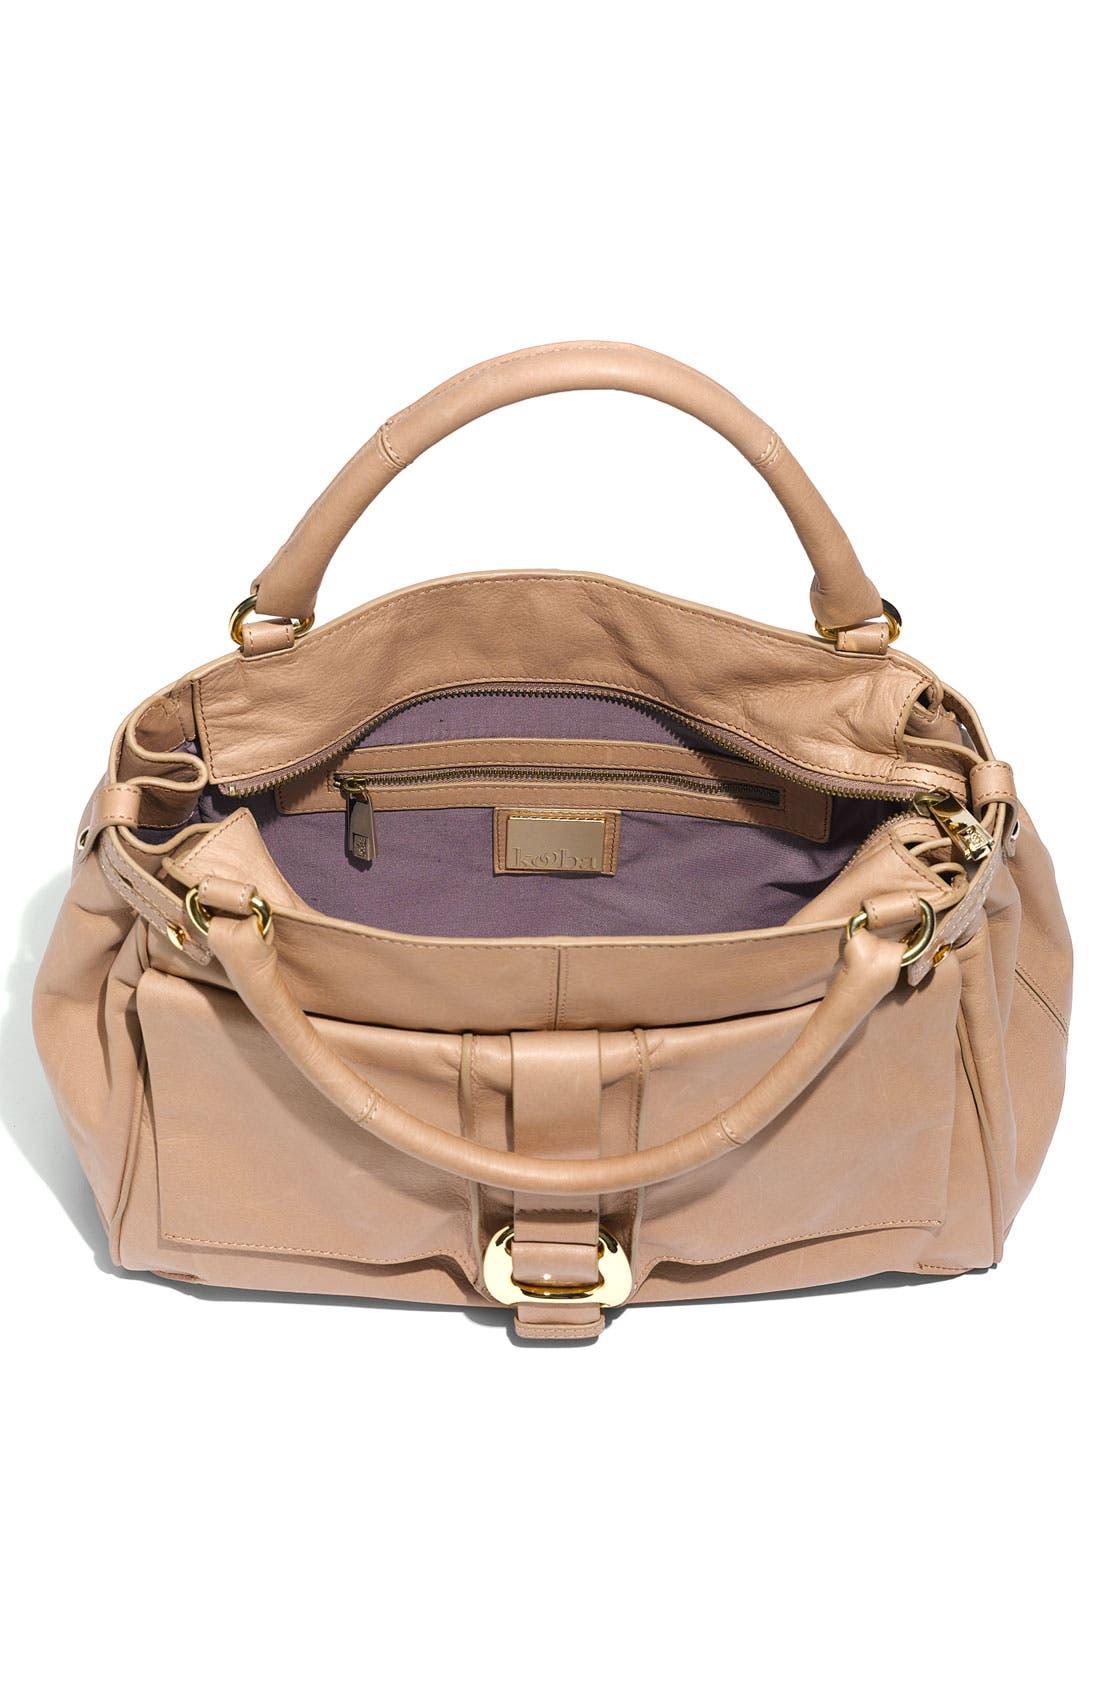 Alternate Image 3  - Kooba 'Anya' Leather Satchel